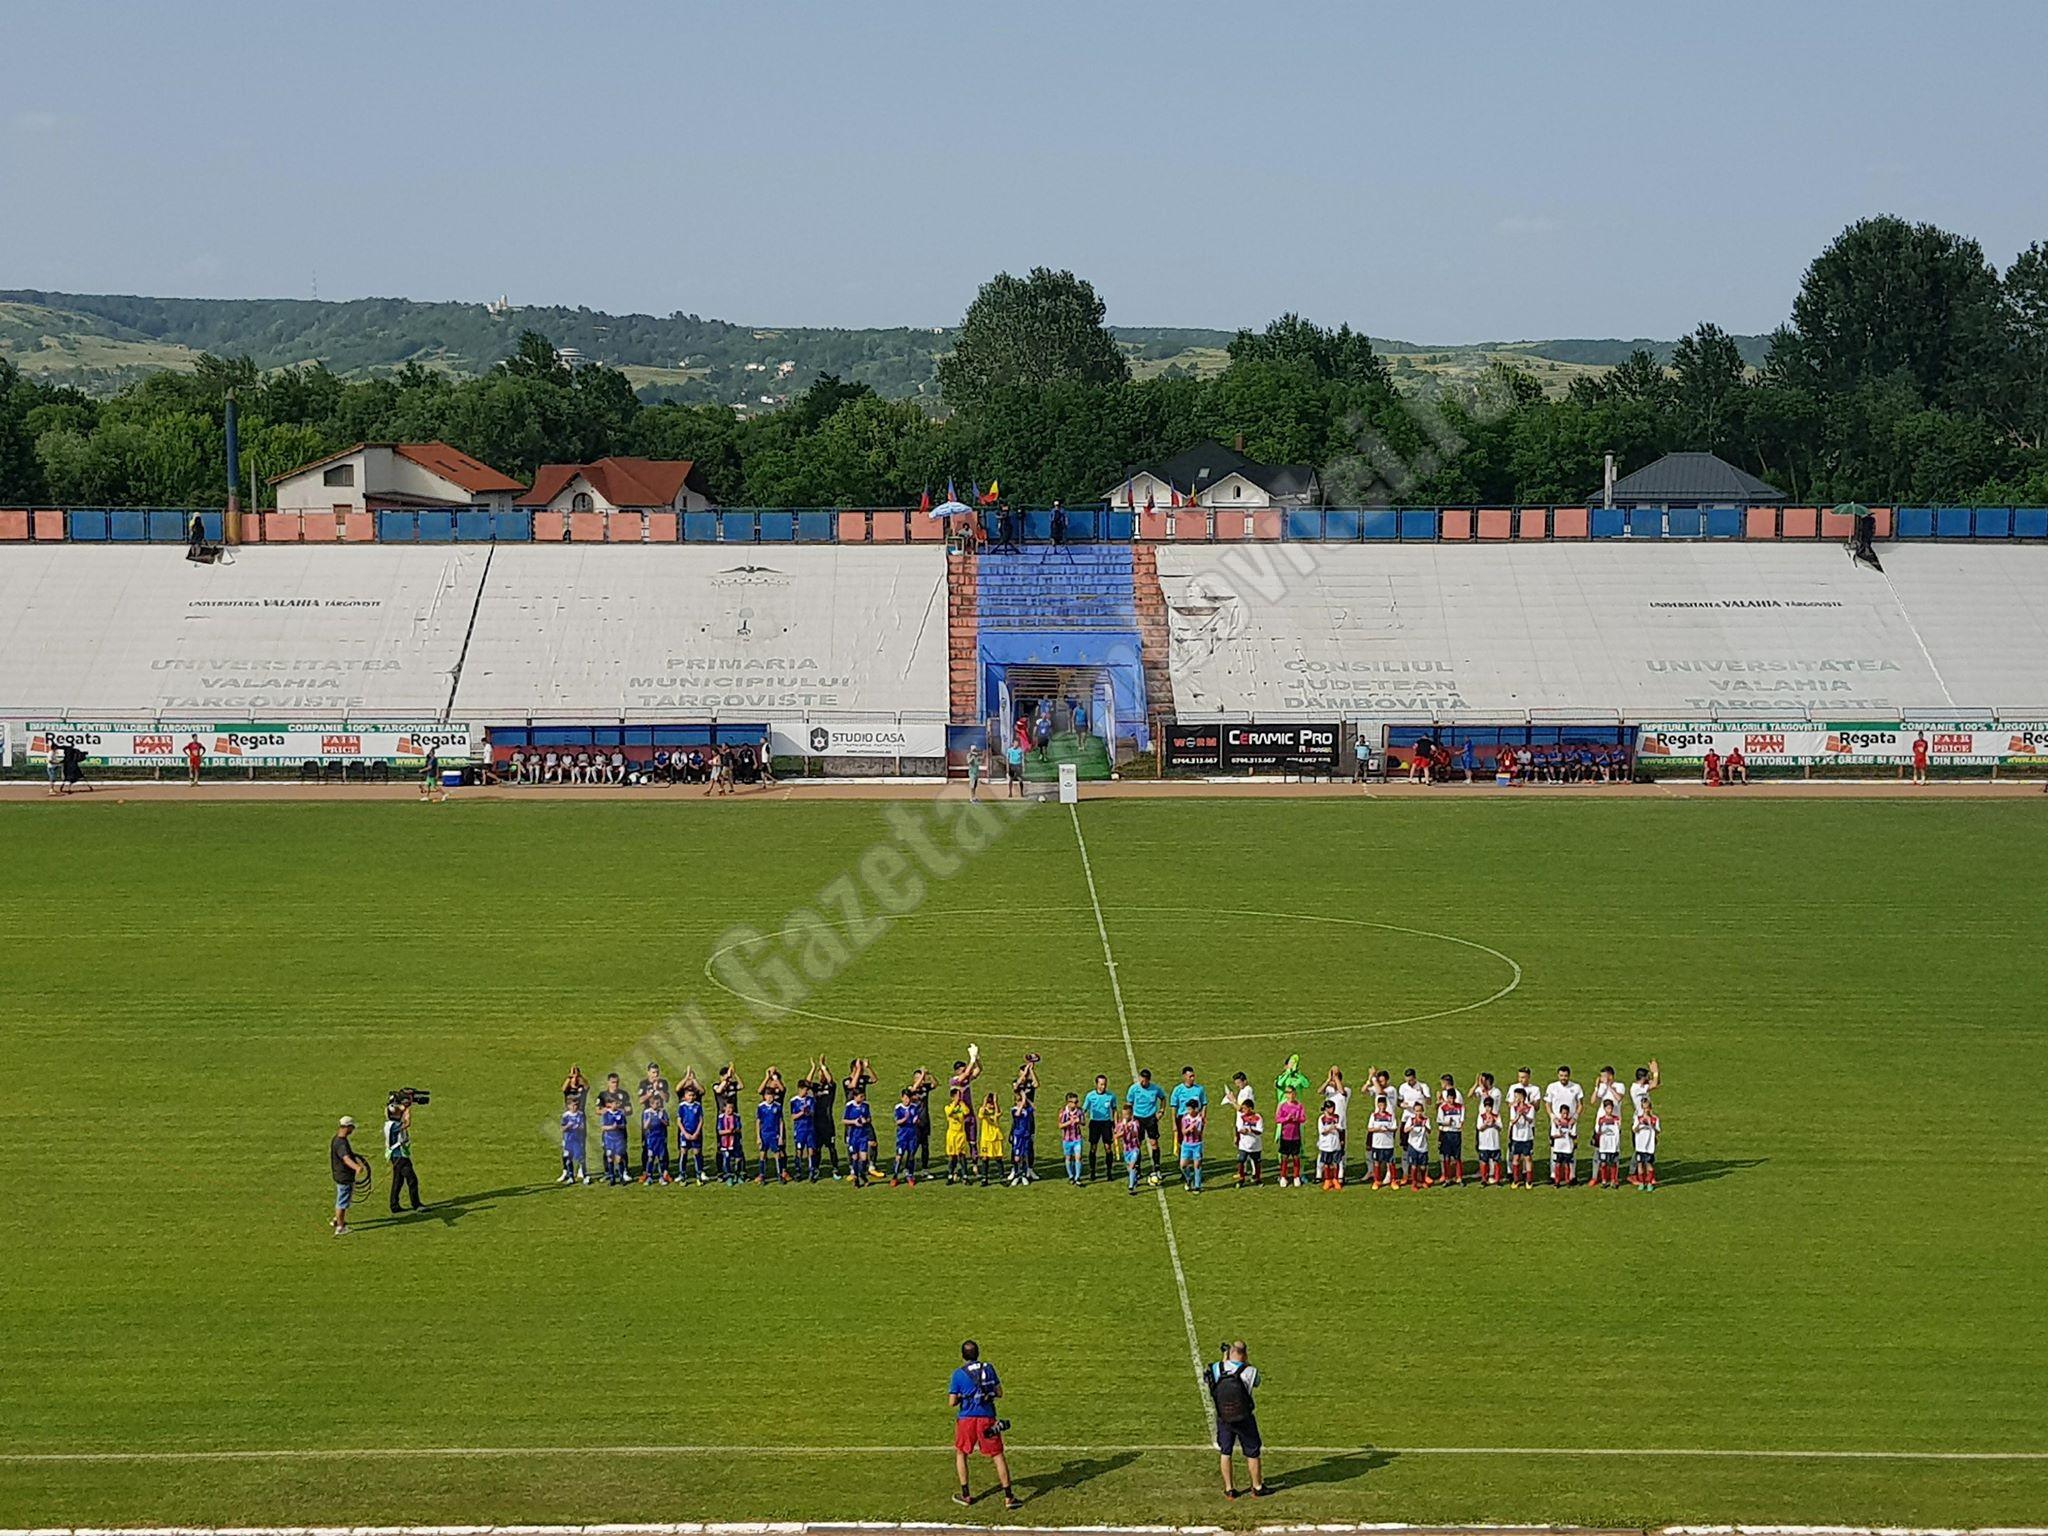 Chindia s-a impuns clar în amicalul cu Voluntari! Pe 13 iunie, târgovișteii au ratat Liga 1, în fața Voluntariului